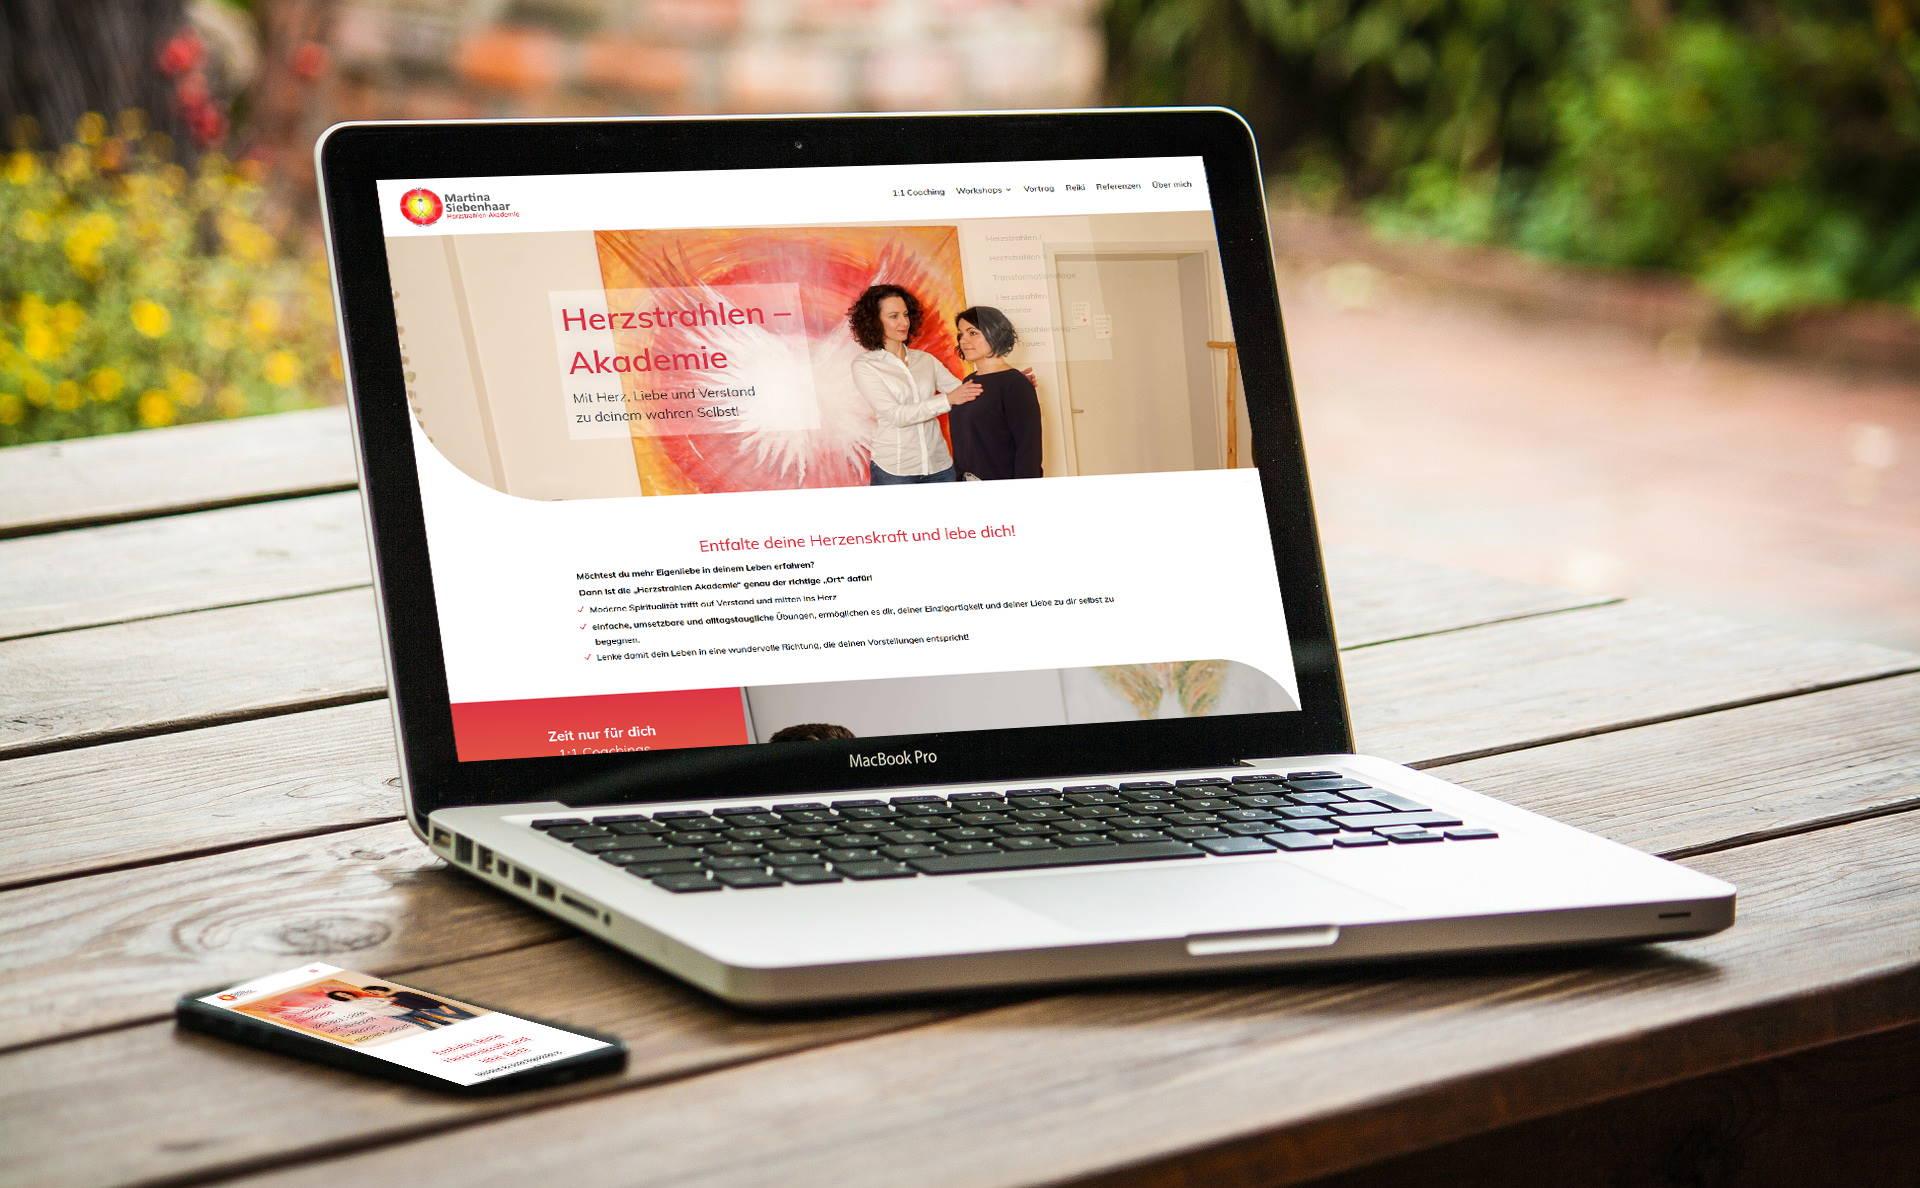 modernes Webdesign - responsive Webdesign mit WordPress - Website für Herzstrahlen-Akademie